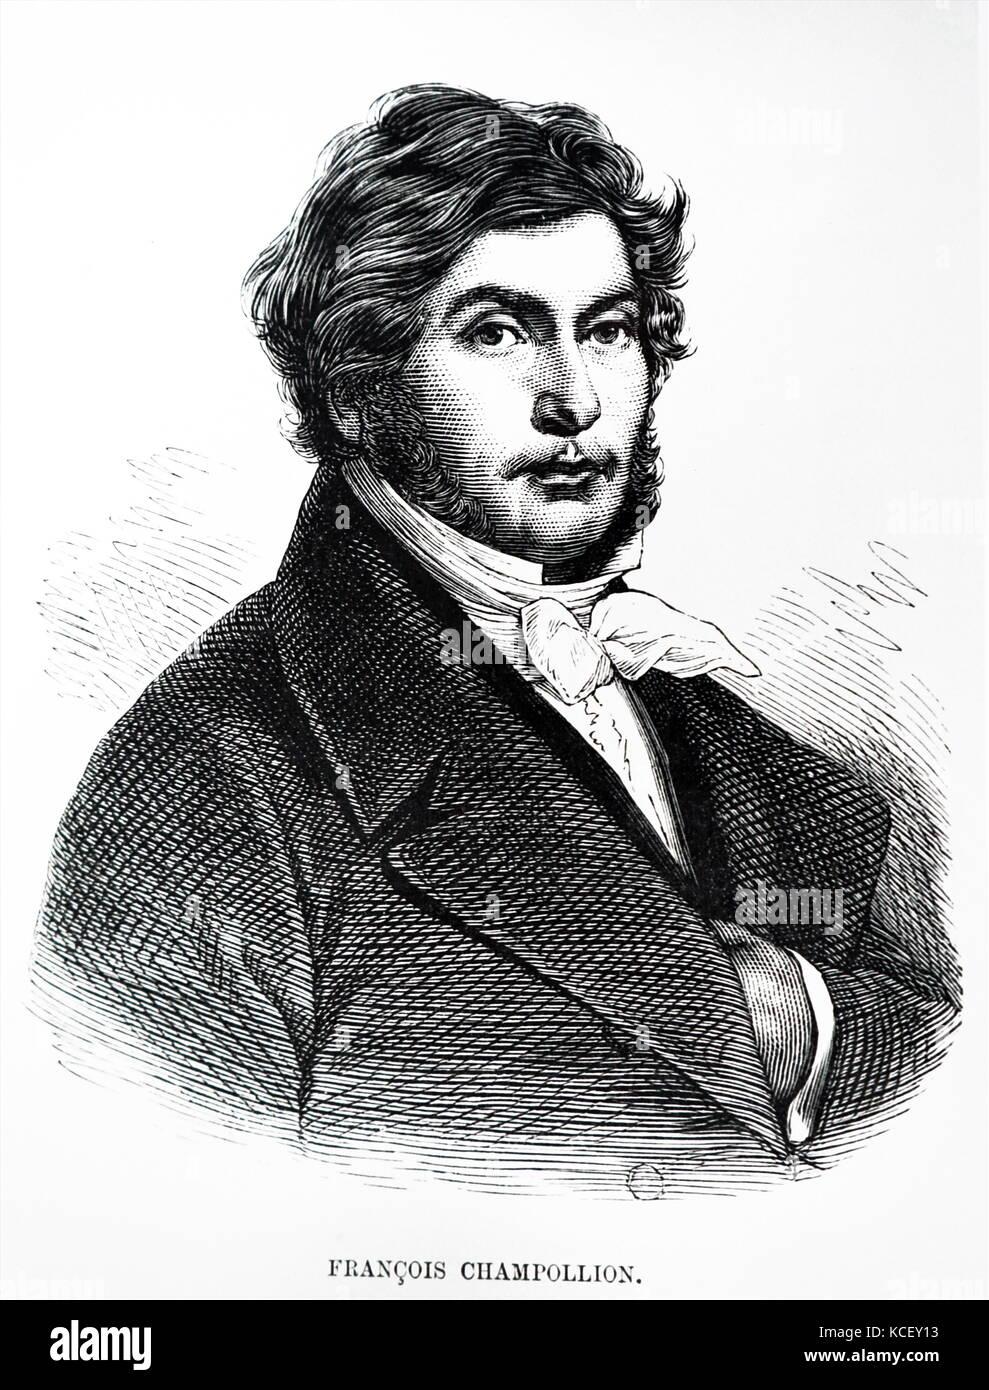 Porträt von Jean-françois Champollion (1790-1832), ein französischer Gelehrter, Sprachwissenschaftler Stockbild